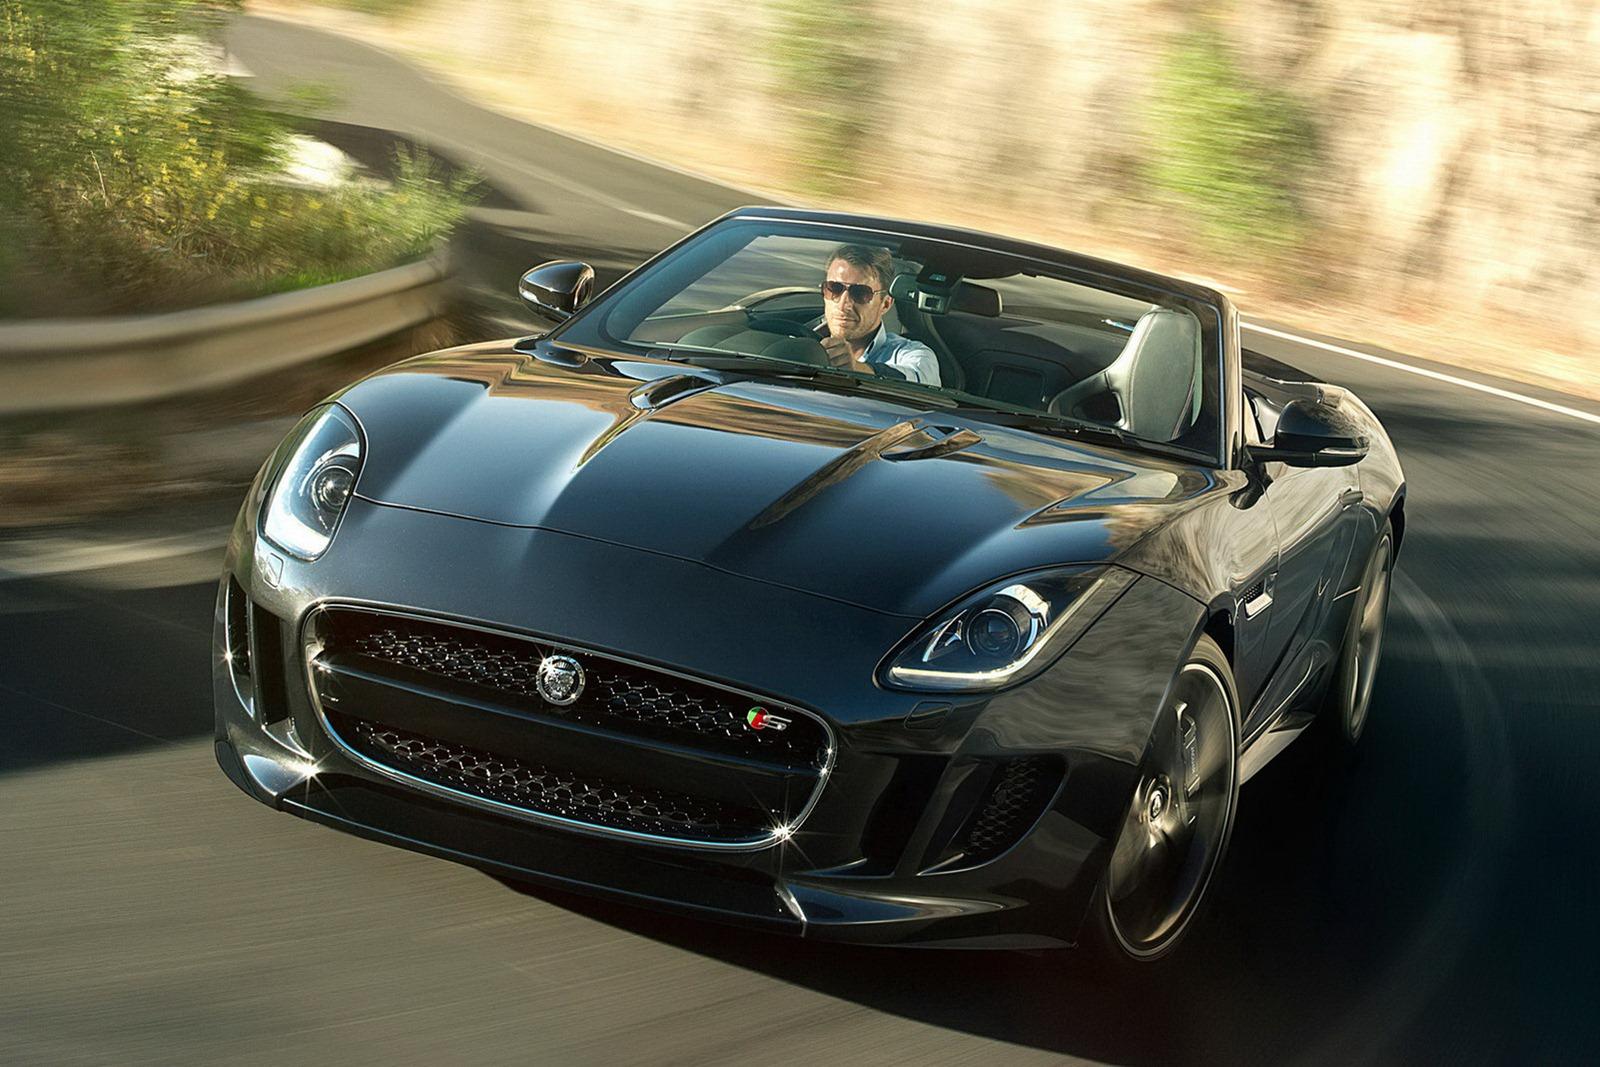 2013 Jaguar F Type Wallapers HD